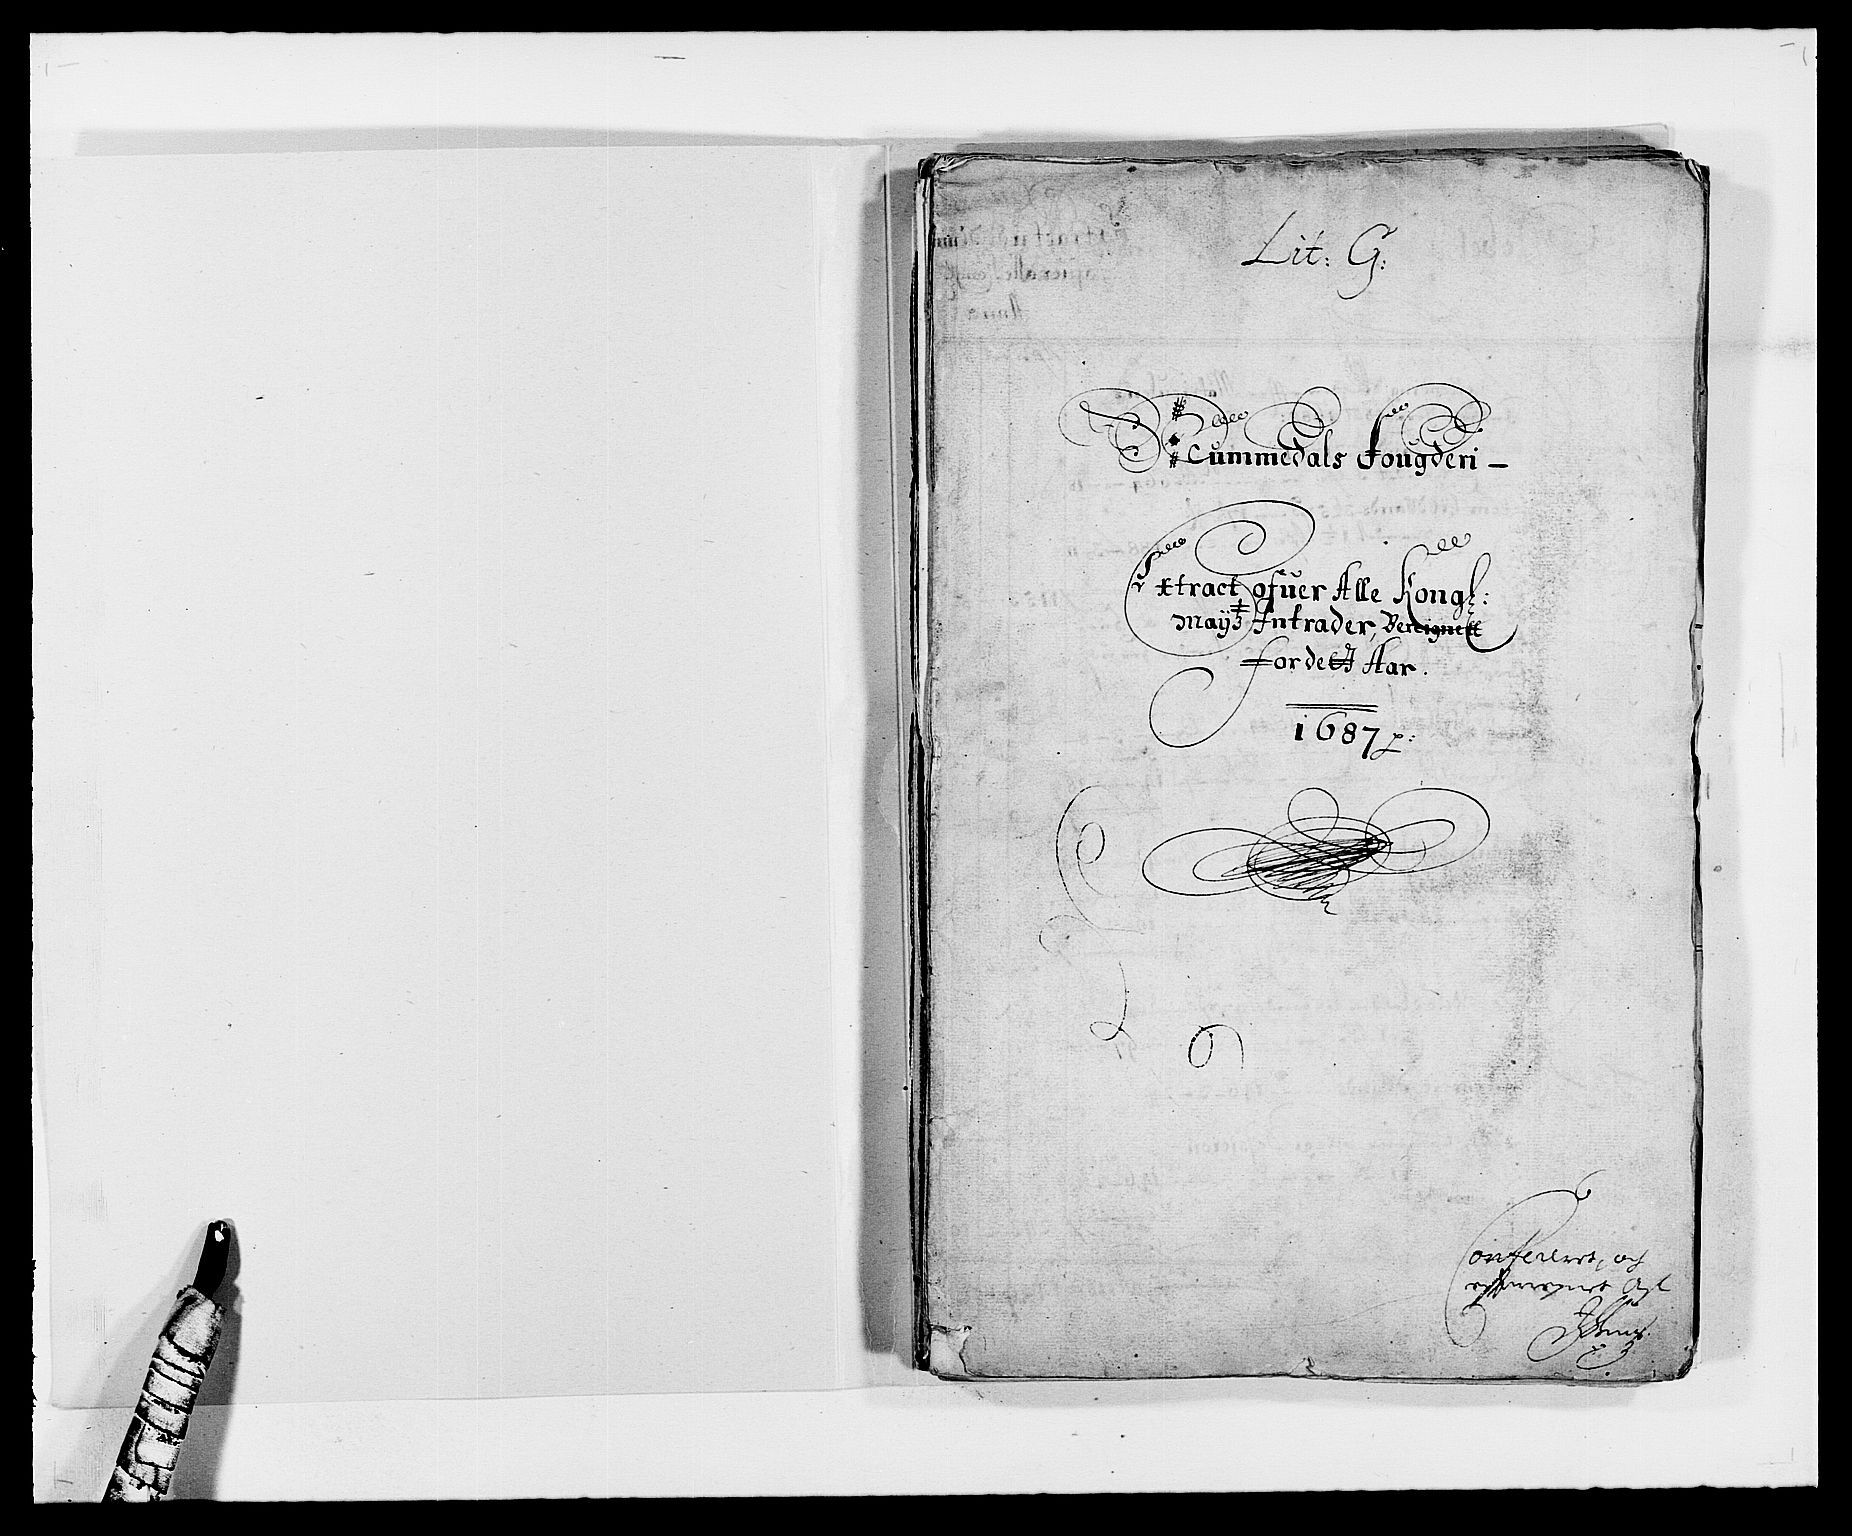 RA, Rentekammeret inntil 1814, Reviderte regnskaper, Fogderegnskap, R64/L4422: Fogderegnskap Namdal, 1687-1689, s. 2